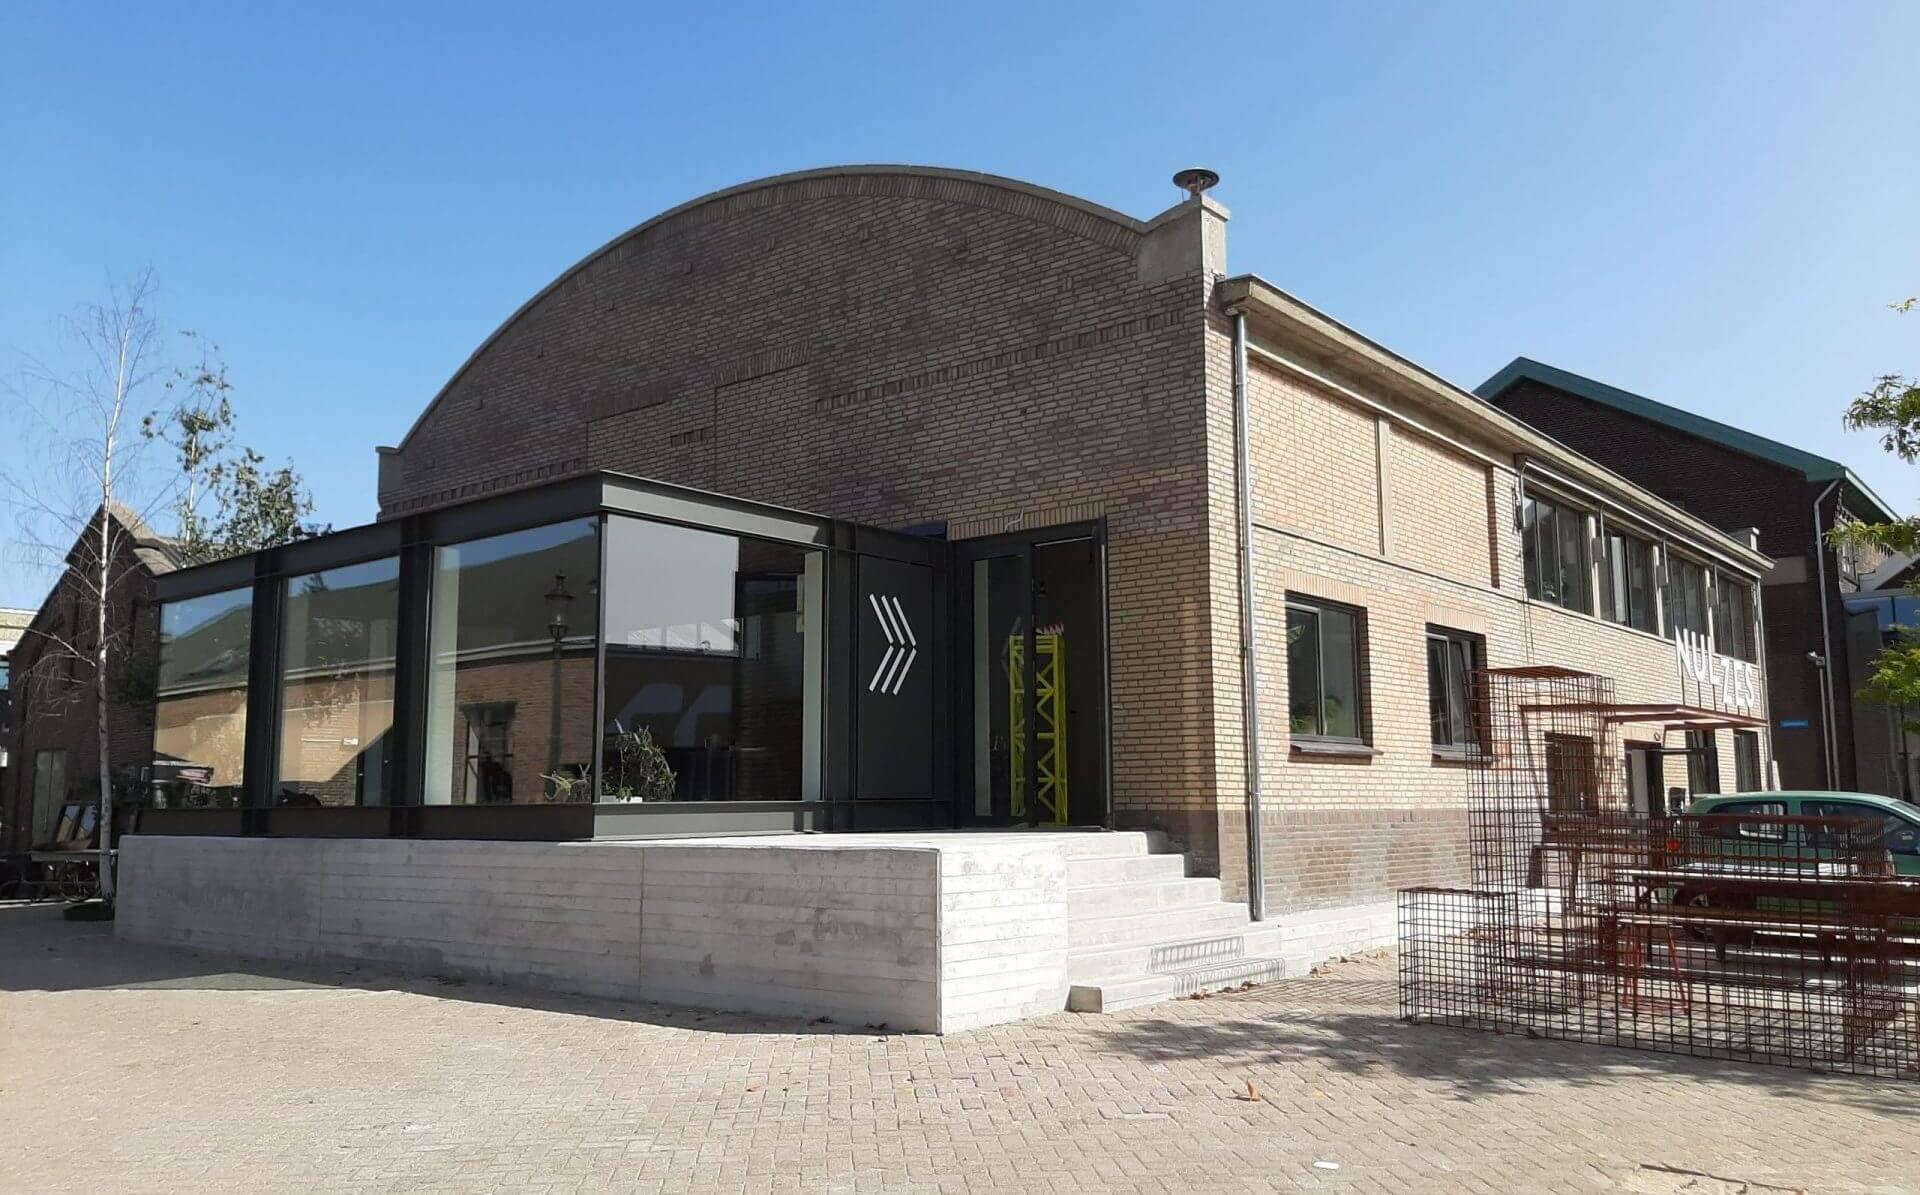 Aannemer Eindhoven Arcum BV verbouwde gebouw 08 op het NRE-terrein in Eindhoven.